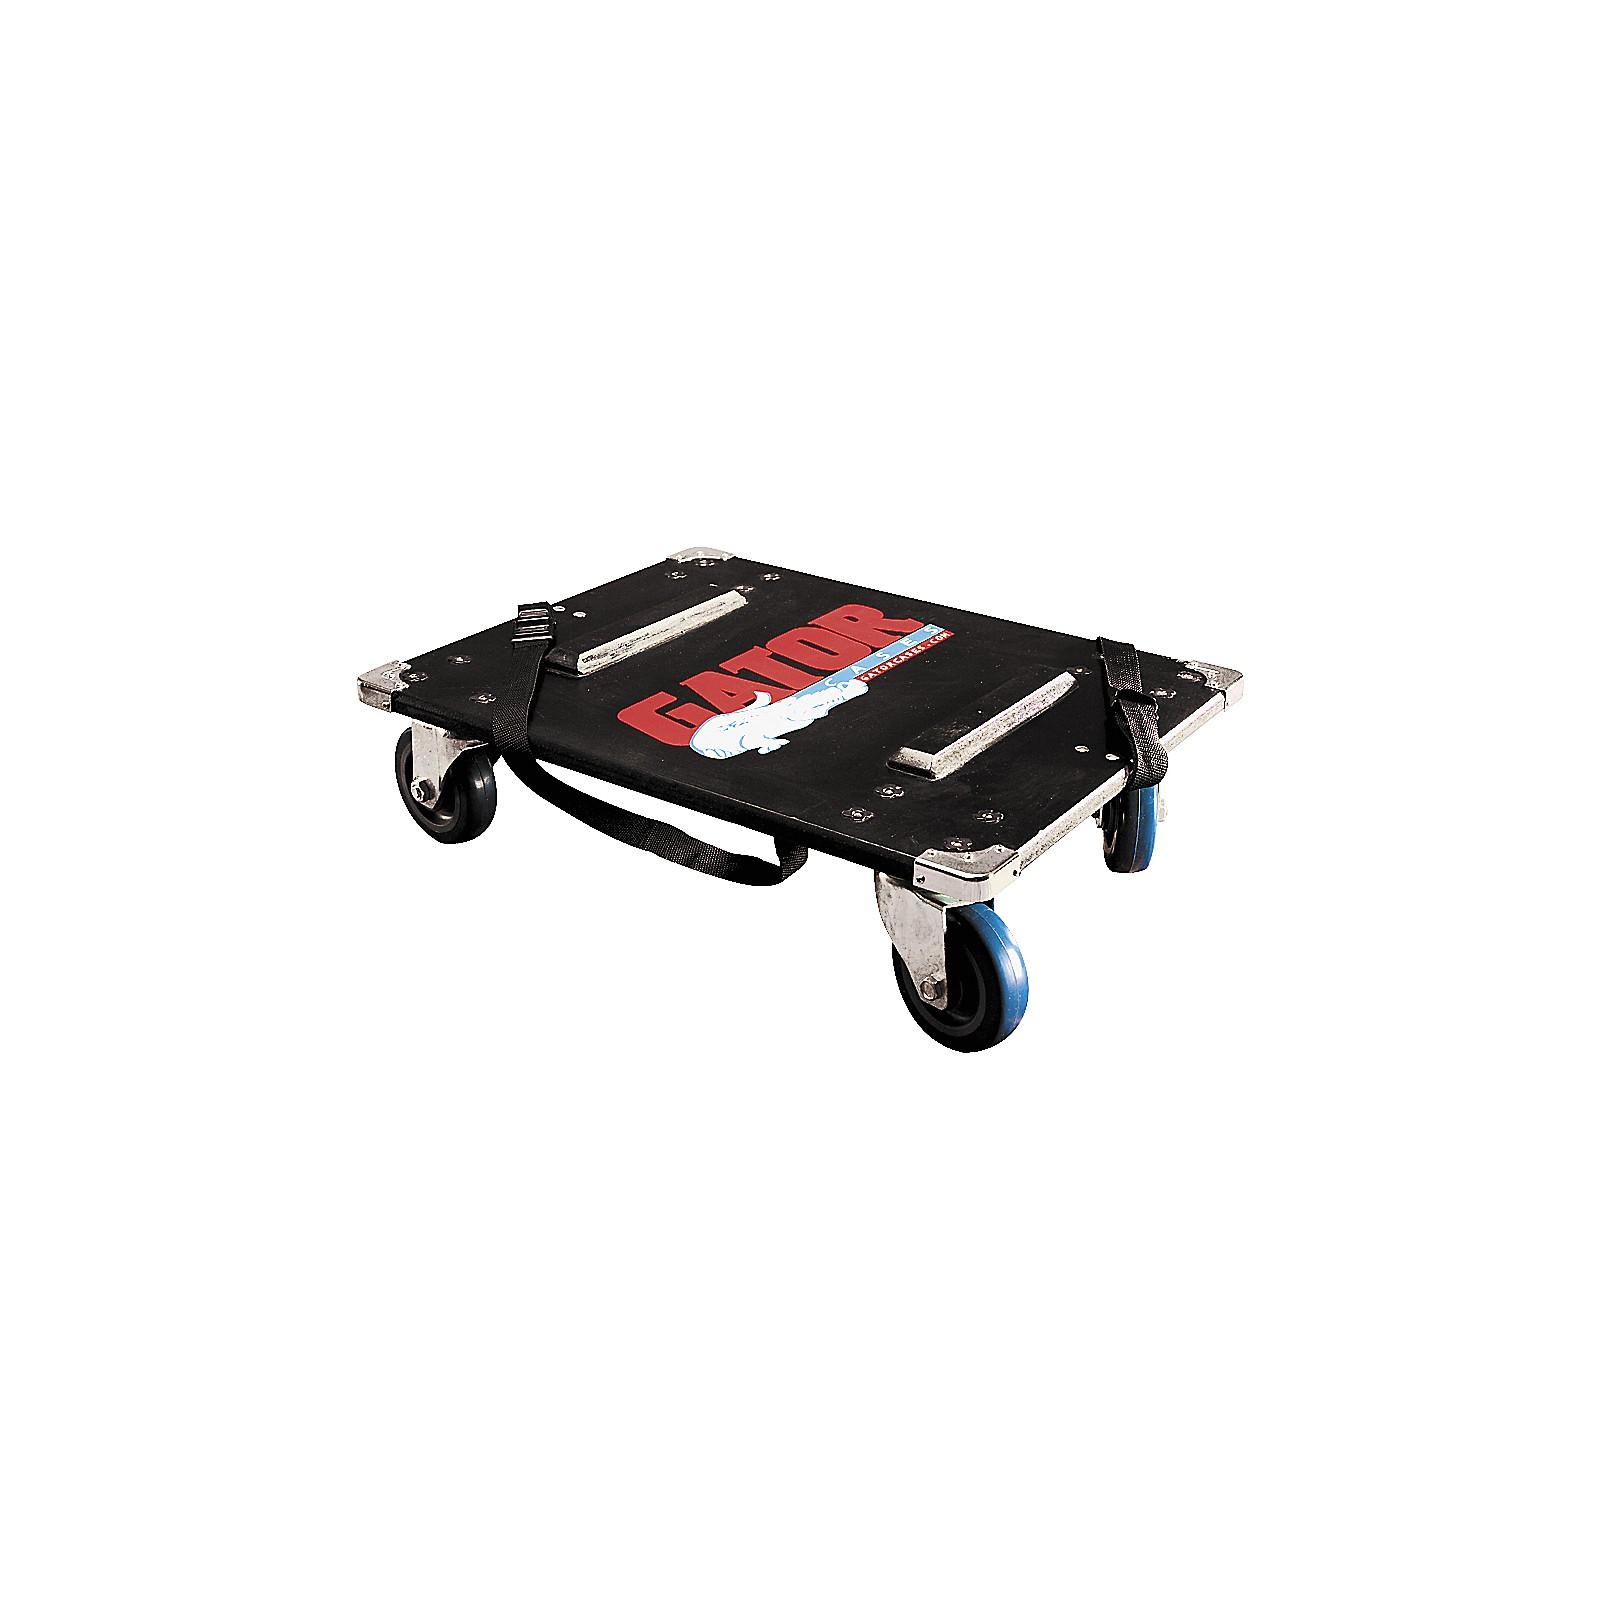 Gator GA-200 Caster Kit for Shock Rack